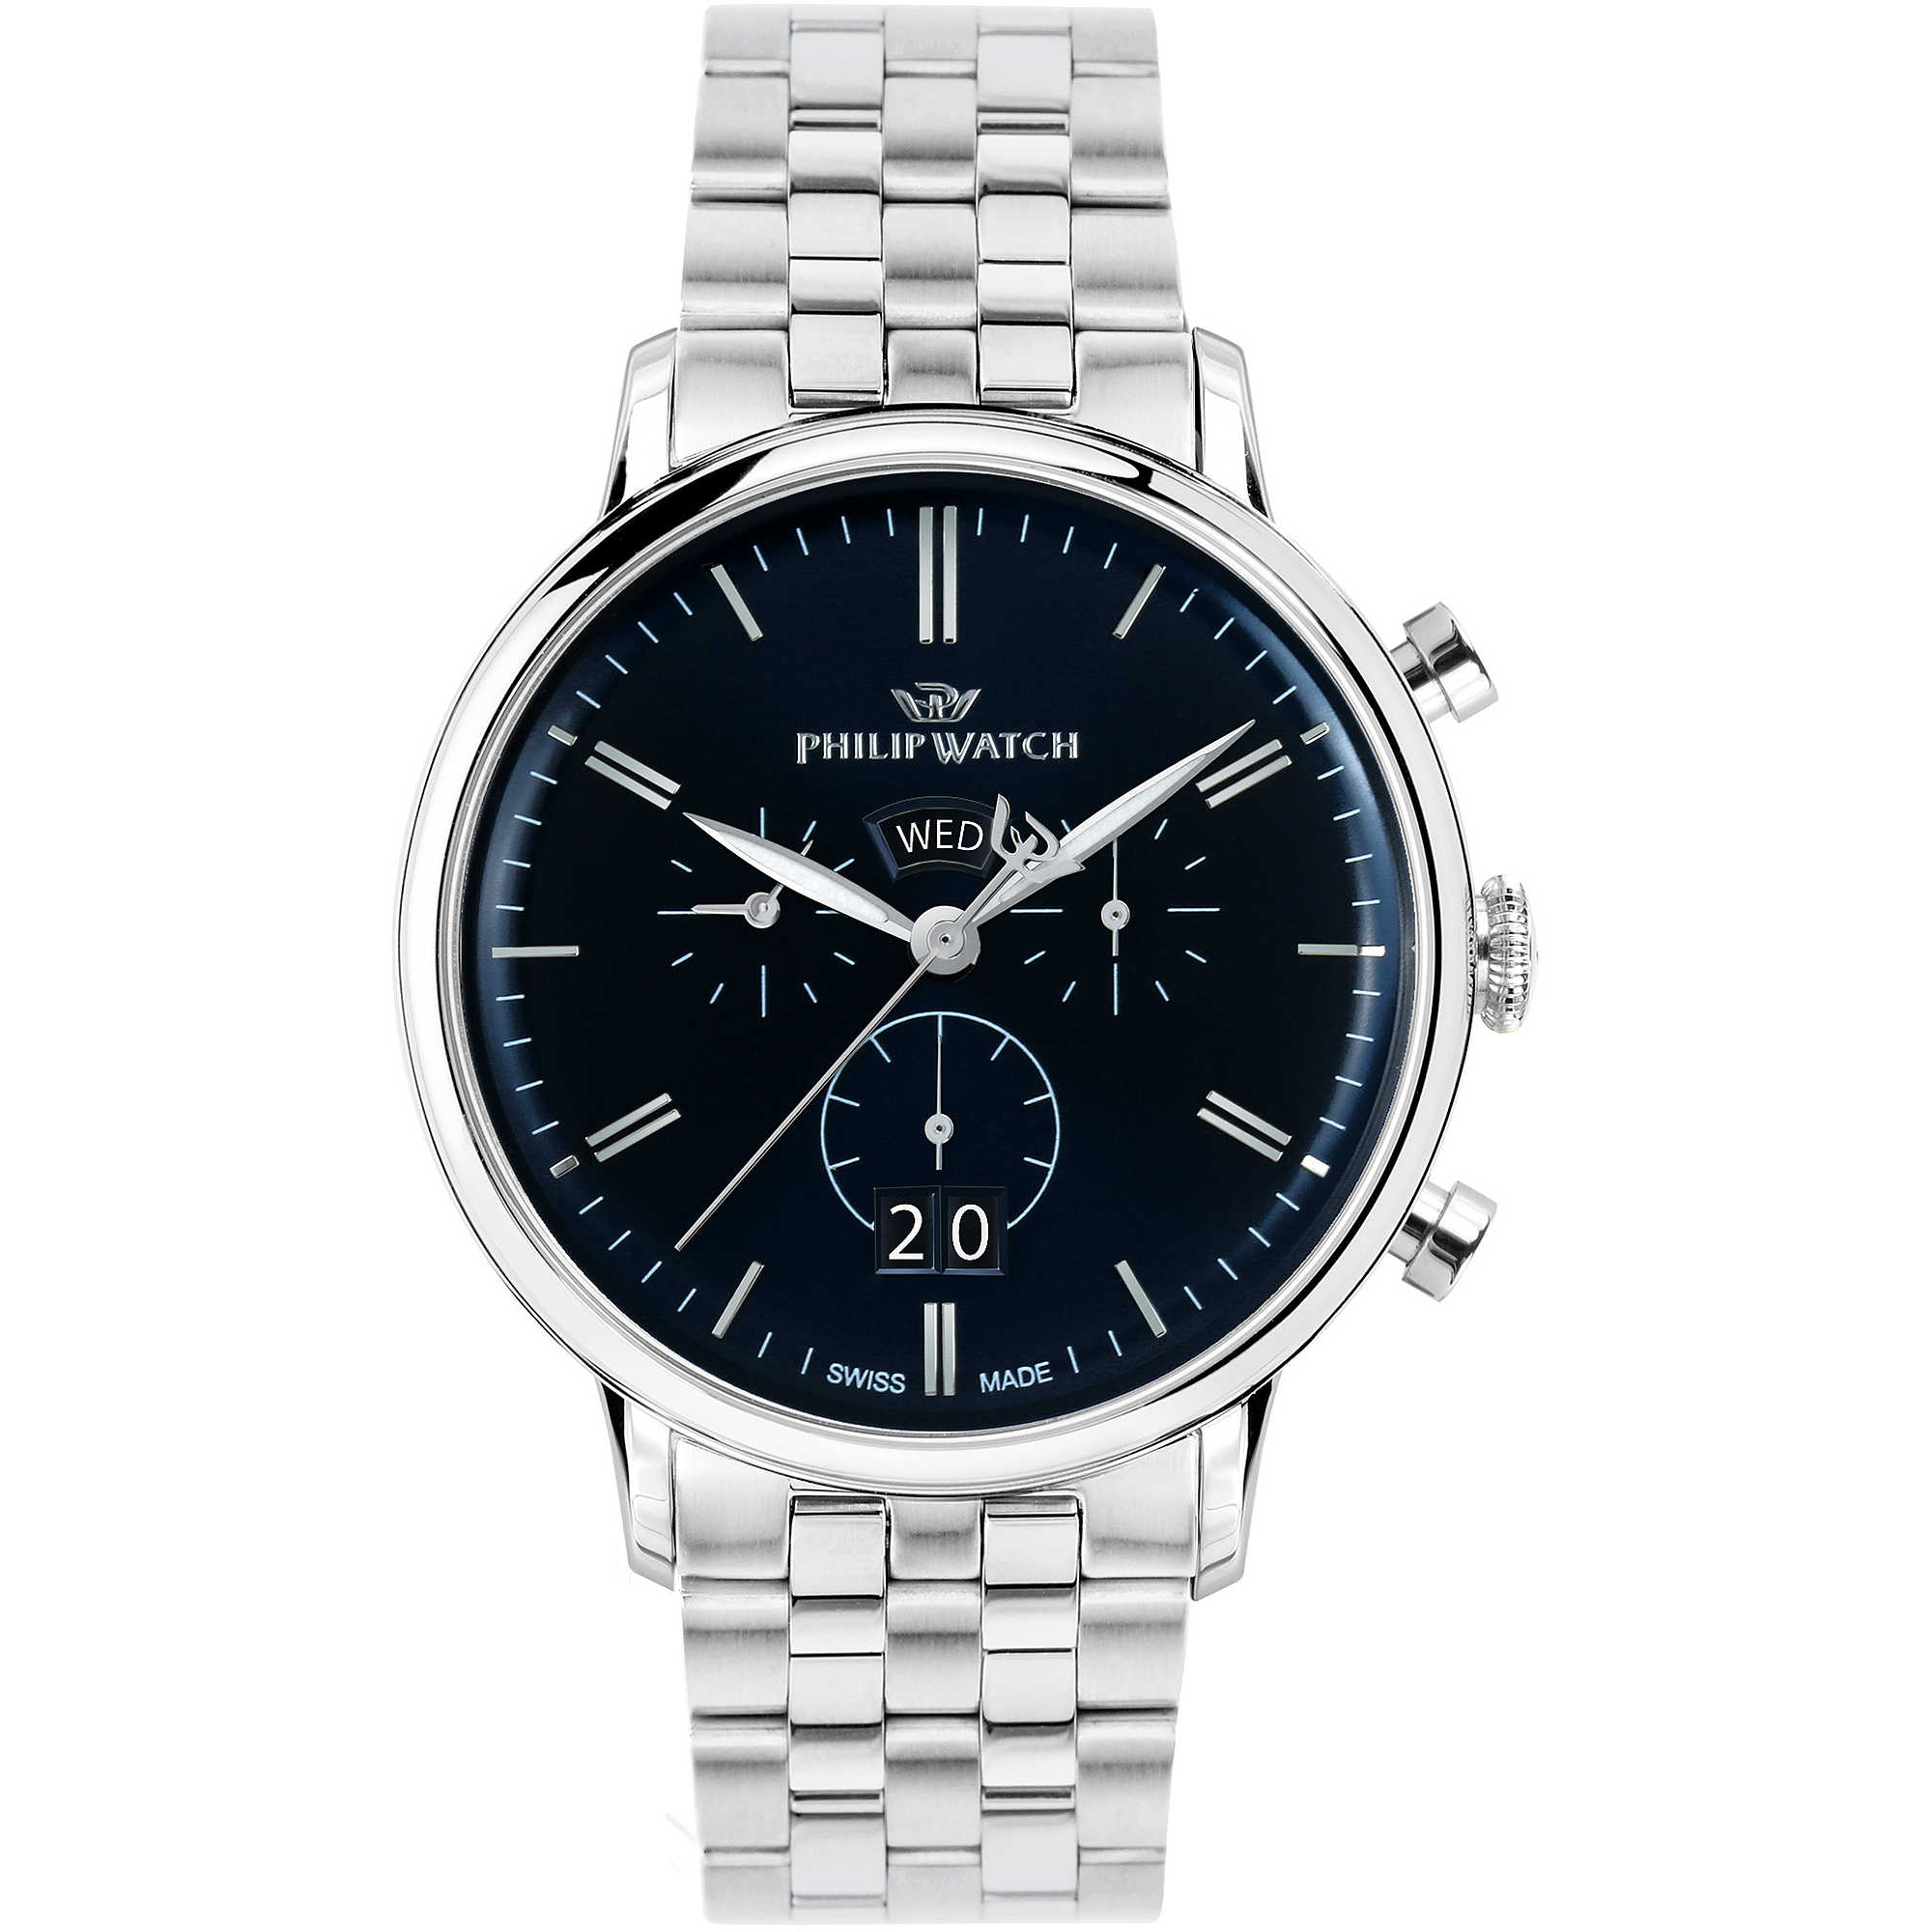 Uhr Watch Truman Chronograph Mann Philip R8273695003 UpzMVqSG